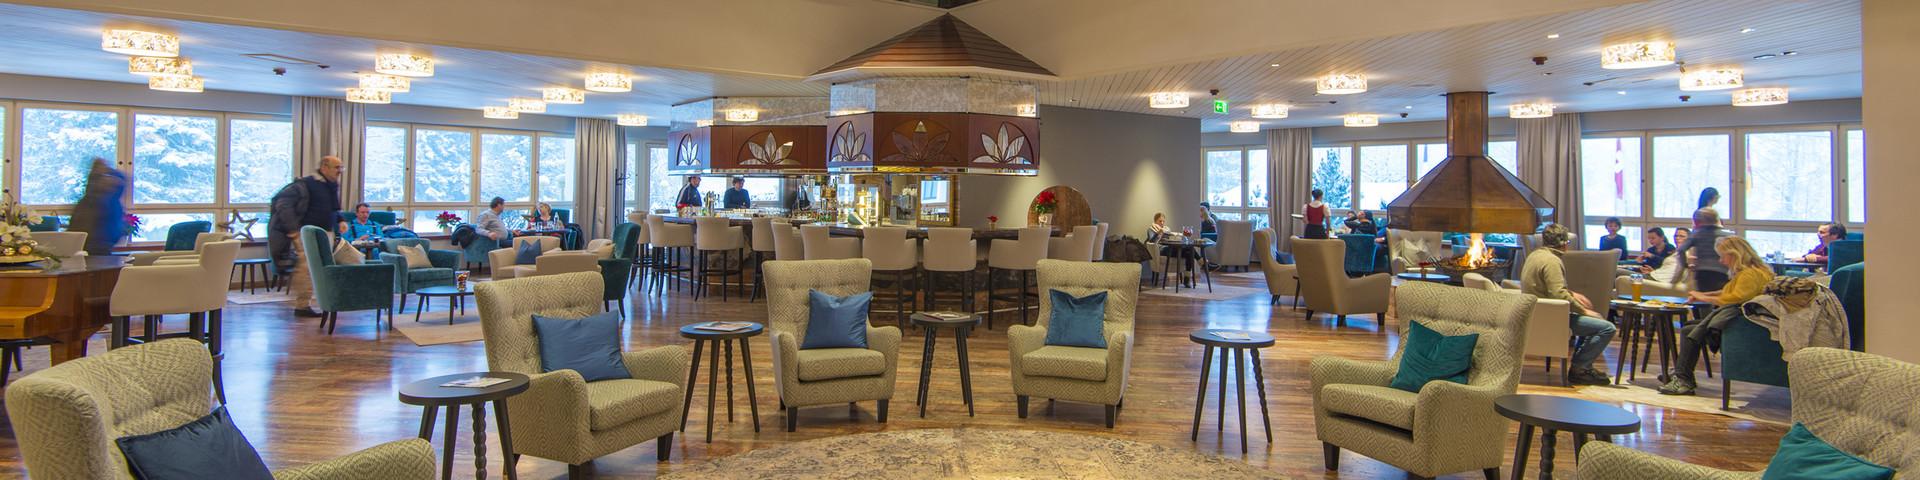 CESTA GRAND - Aktivhotel & Spa - Lobby © CESTA GRAND Hotel